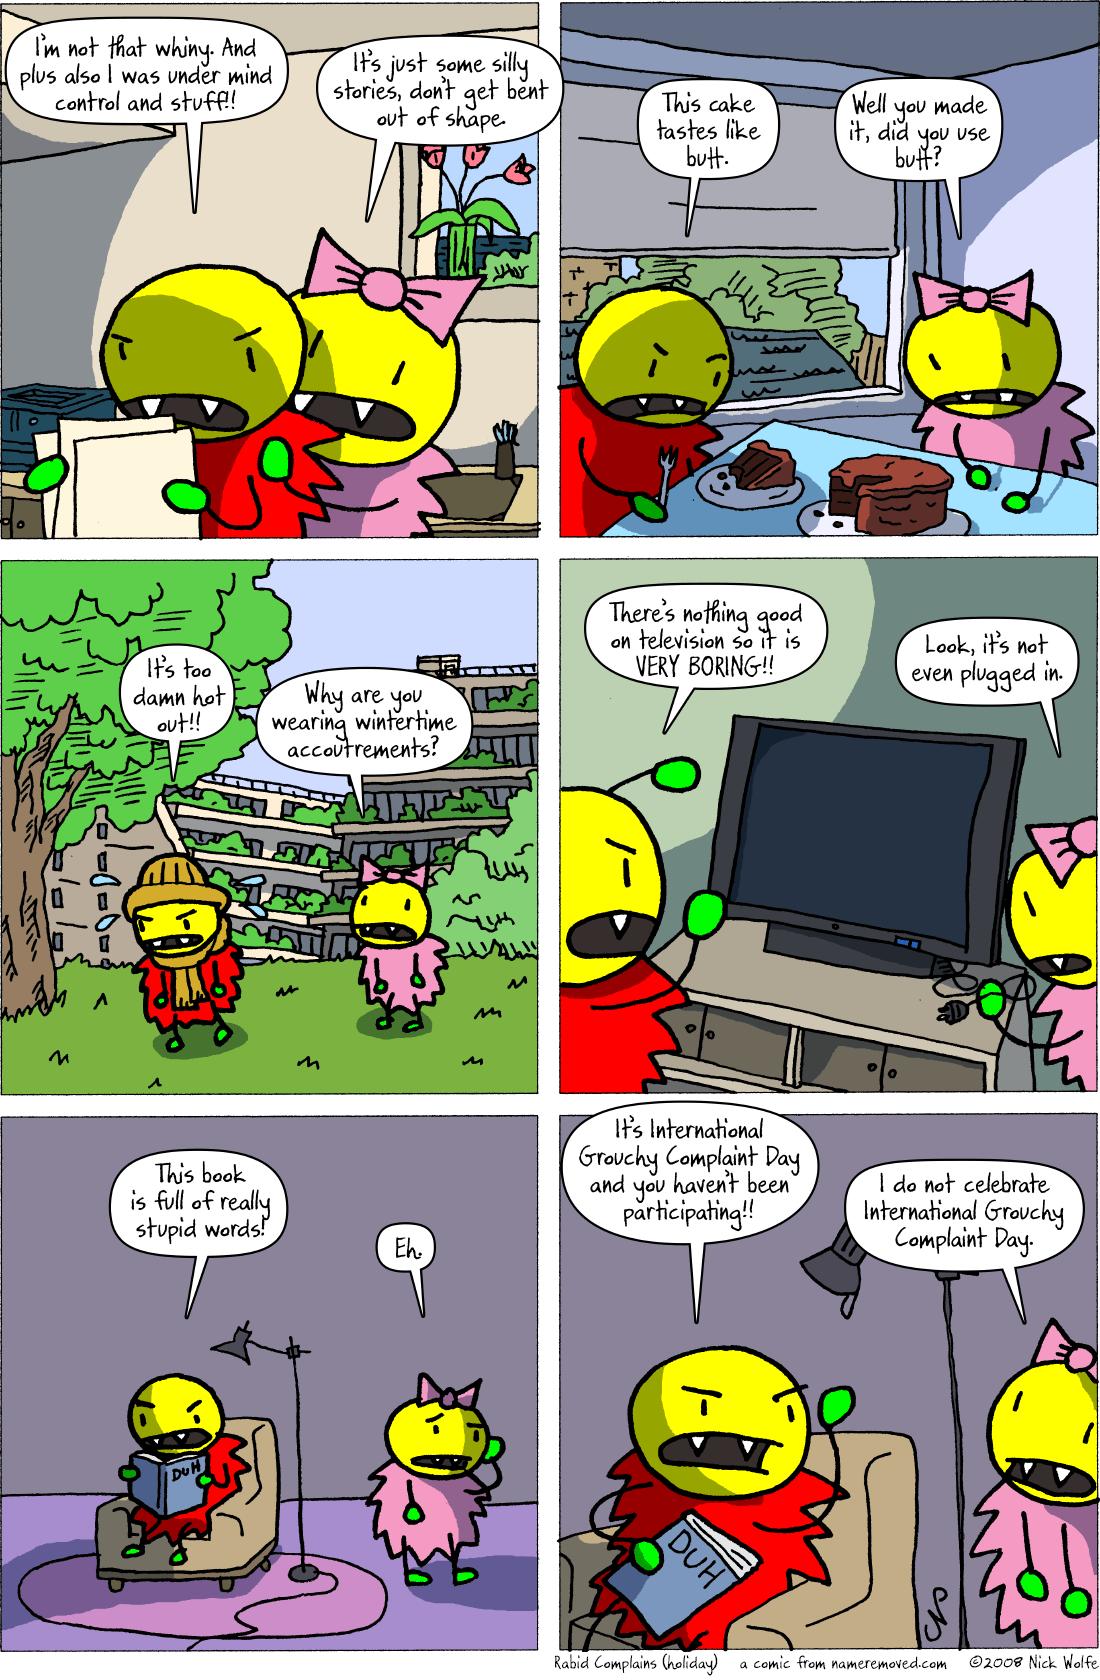 Rabid Complains (holiday)